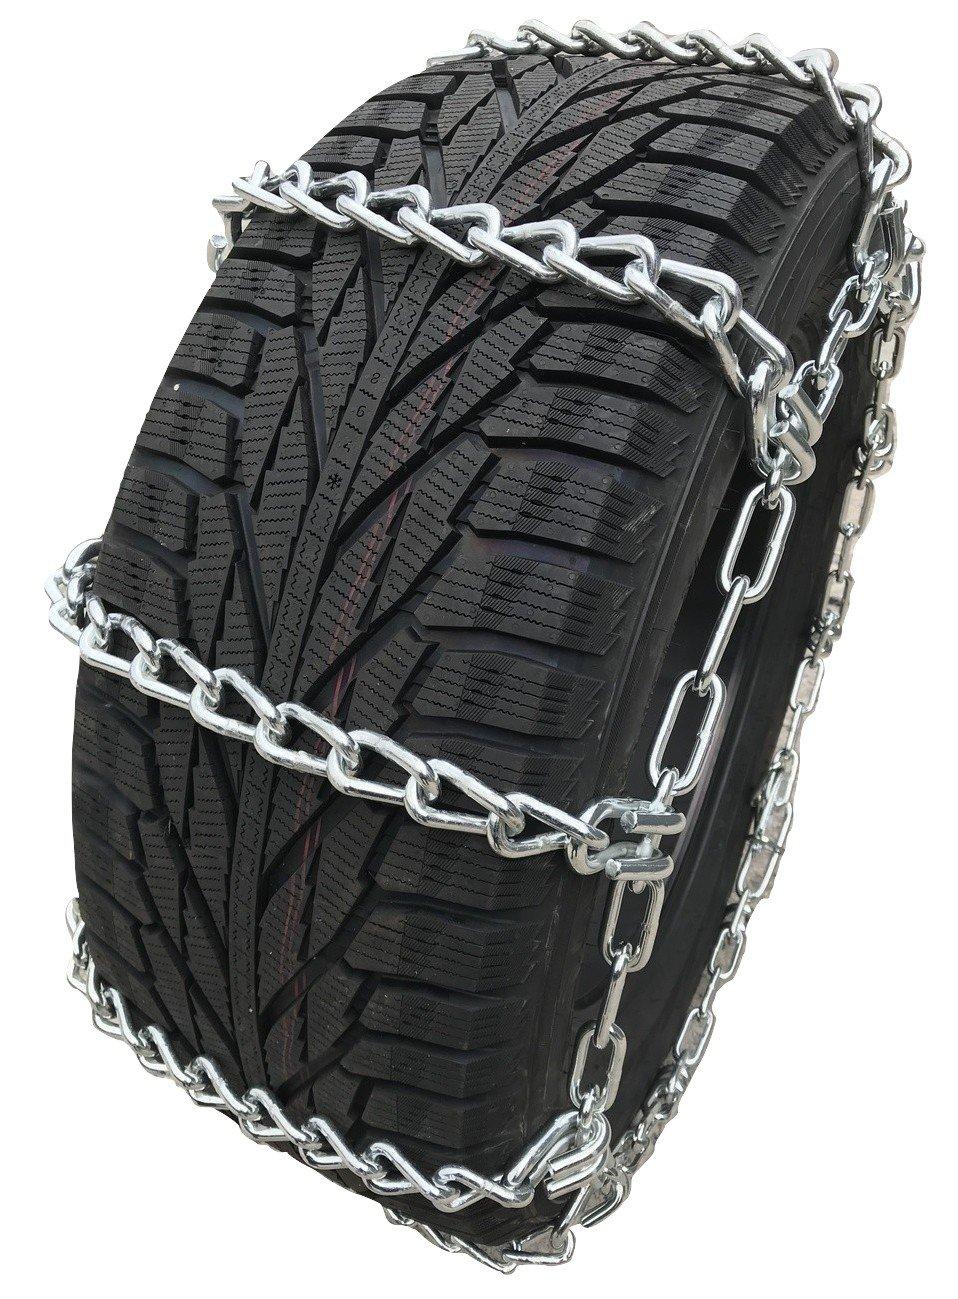 TireChain.com Heavy Duty Mud Service 5/16 Thick Tire Chains, Priced per Pair N-78-15, 265/75-15 31X10.50-15 9.50-16. 5235/80-17 P245/70-15 P275/60-15 L-78-16 LT12-16.5 215/75-17.5 P255/70-15 275/60